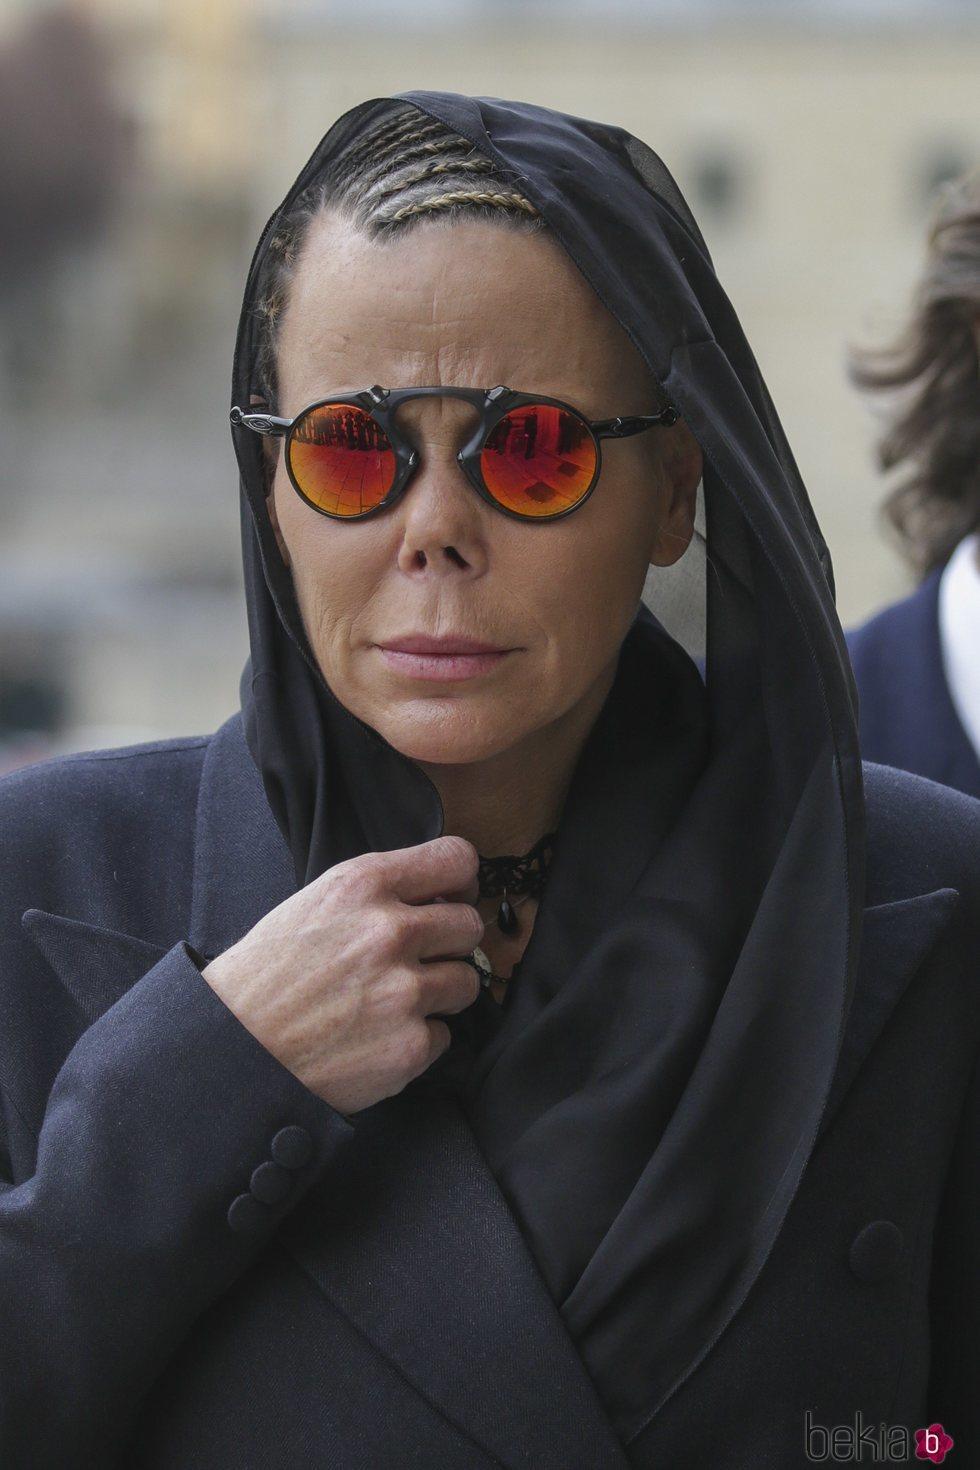 Kalina de Bulgaria en la misa por el 25 aniversario de la muerte del Conde de Barcelona